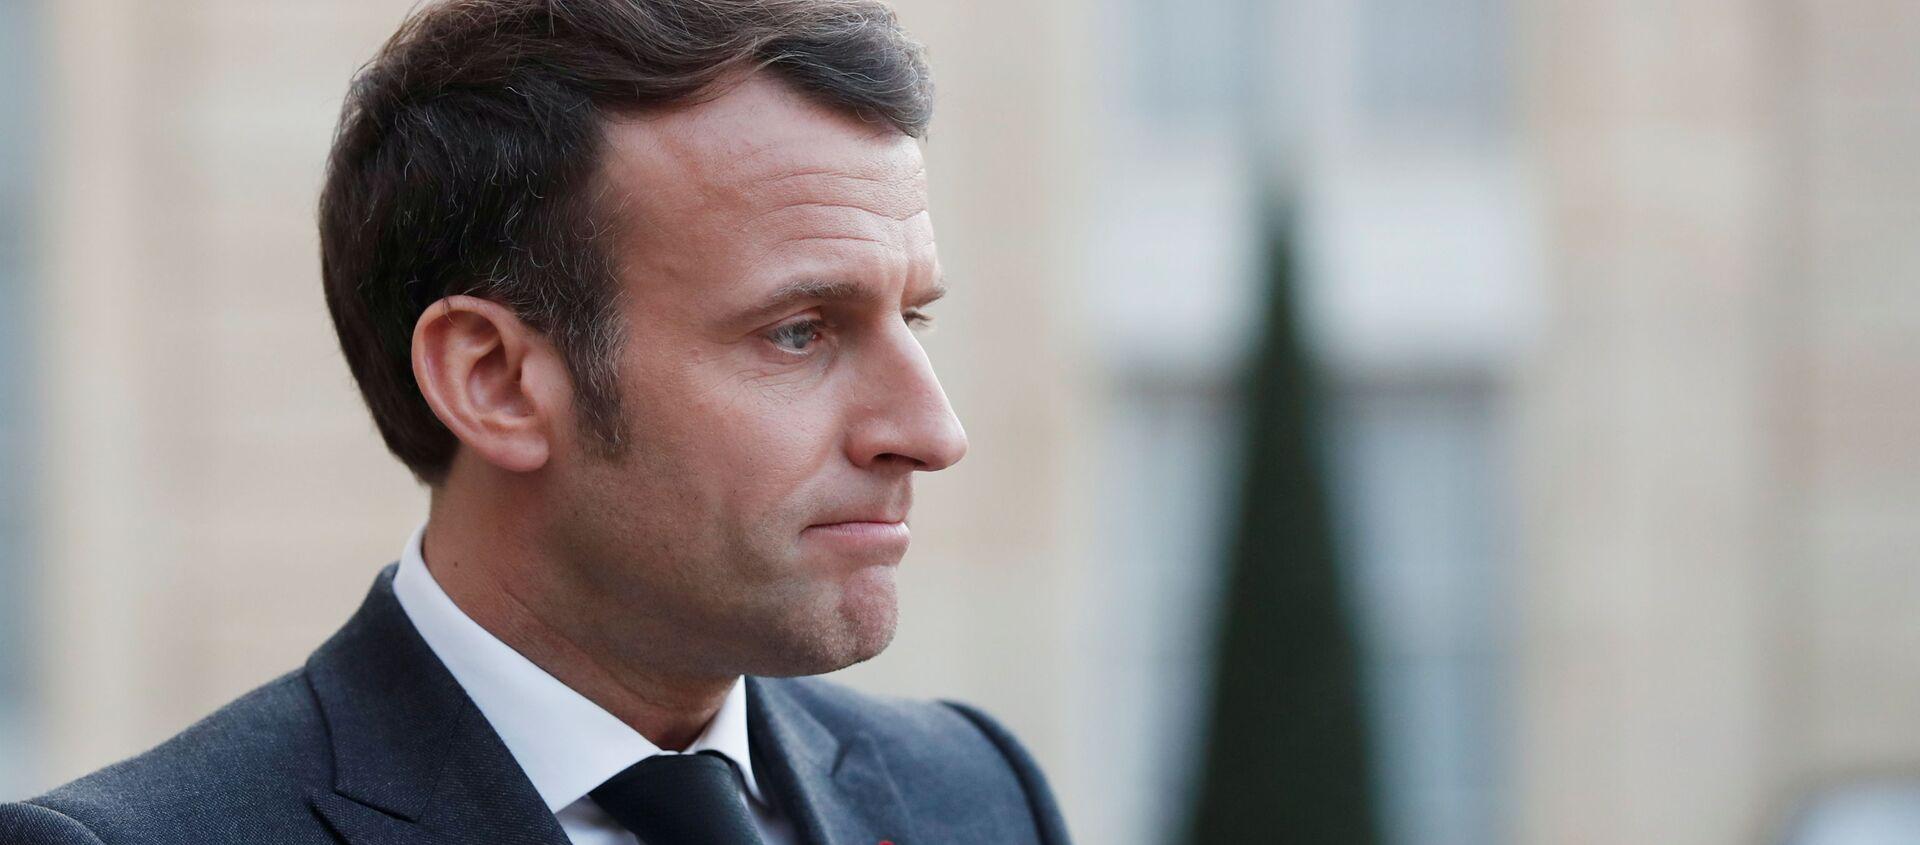 Prezydent Francji Emmanuel Macron - Sputnik Polska, 1920, 08.06.2021